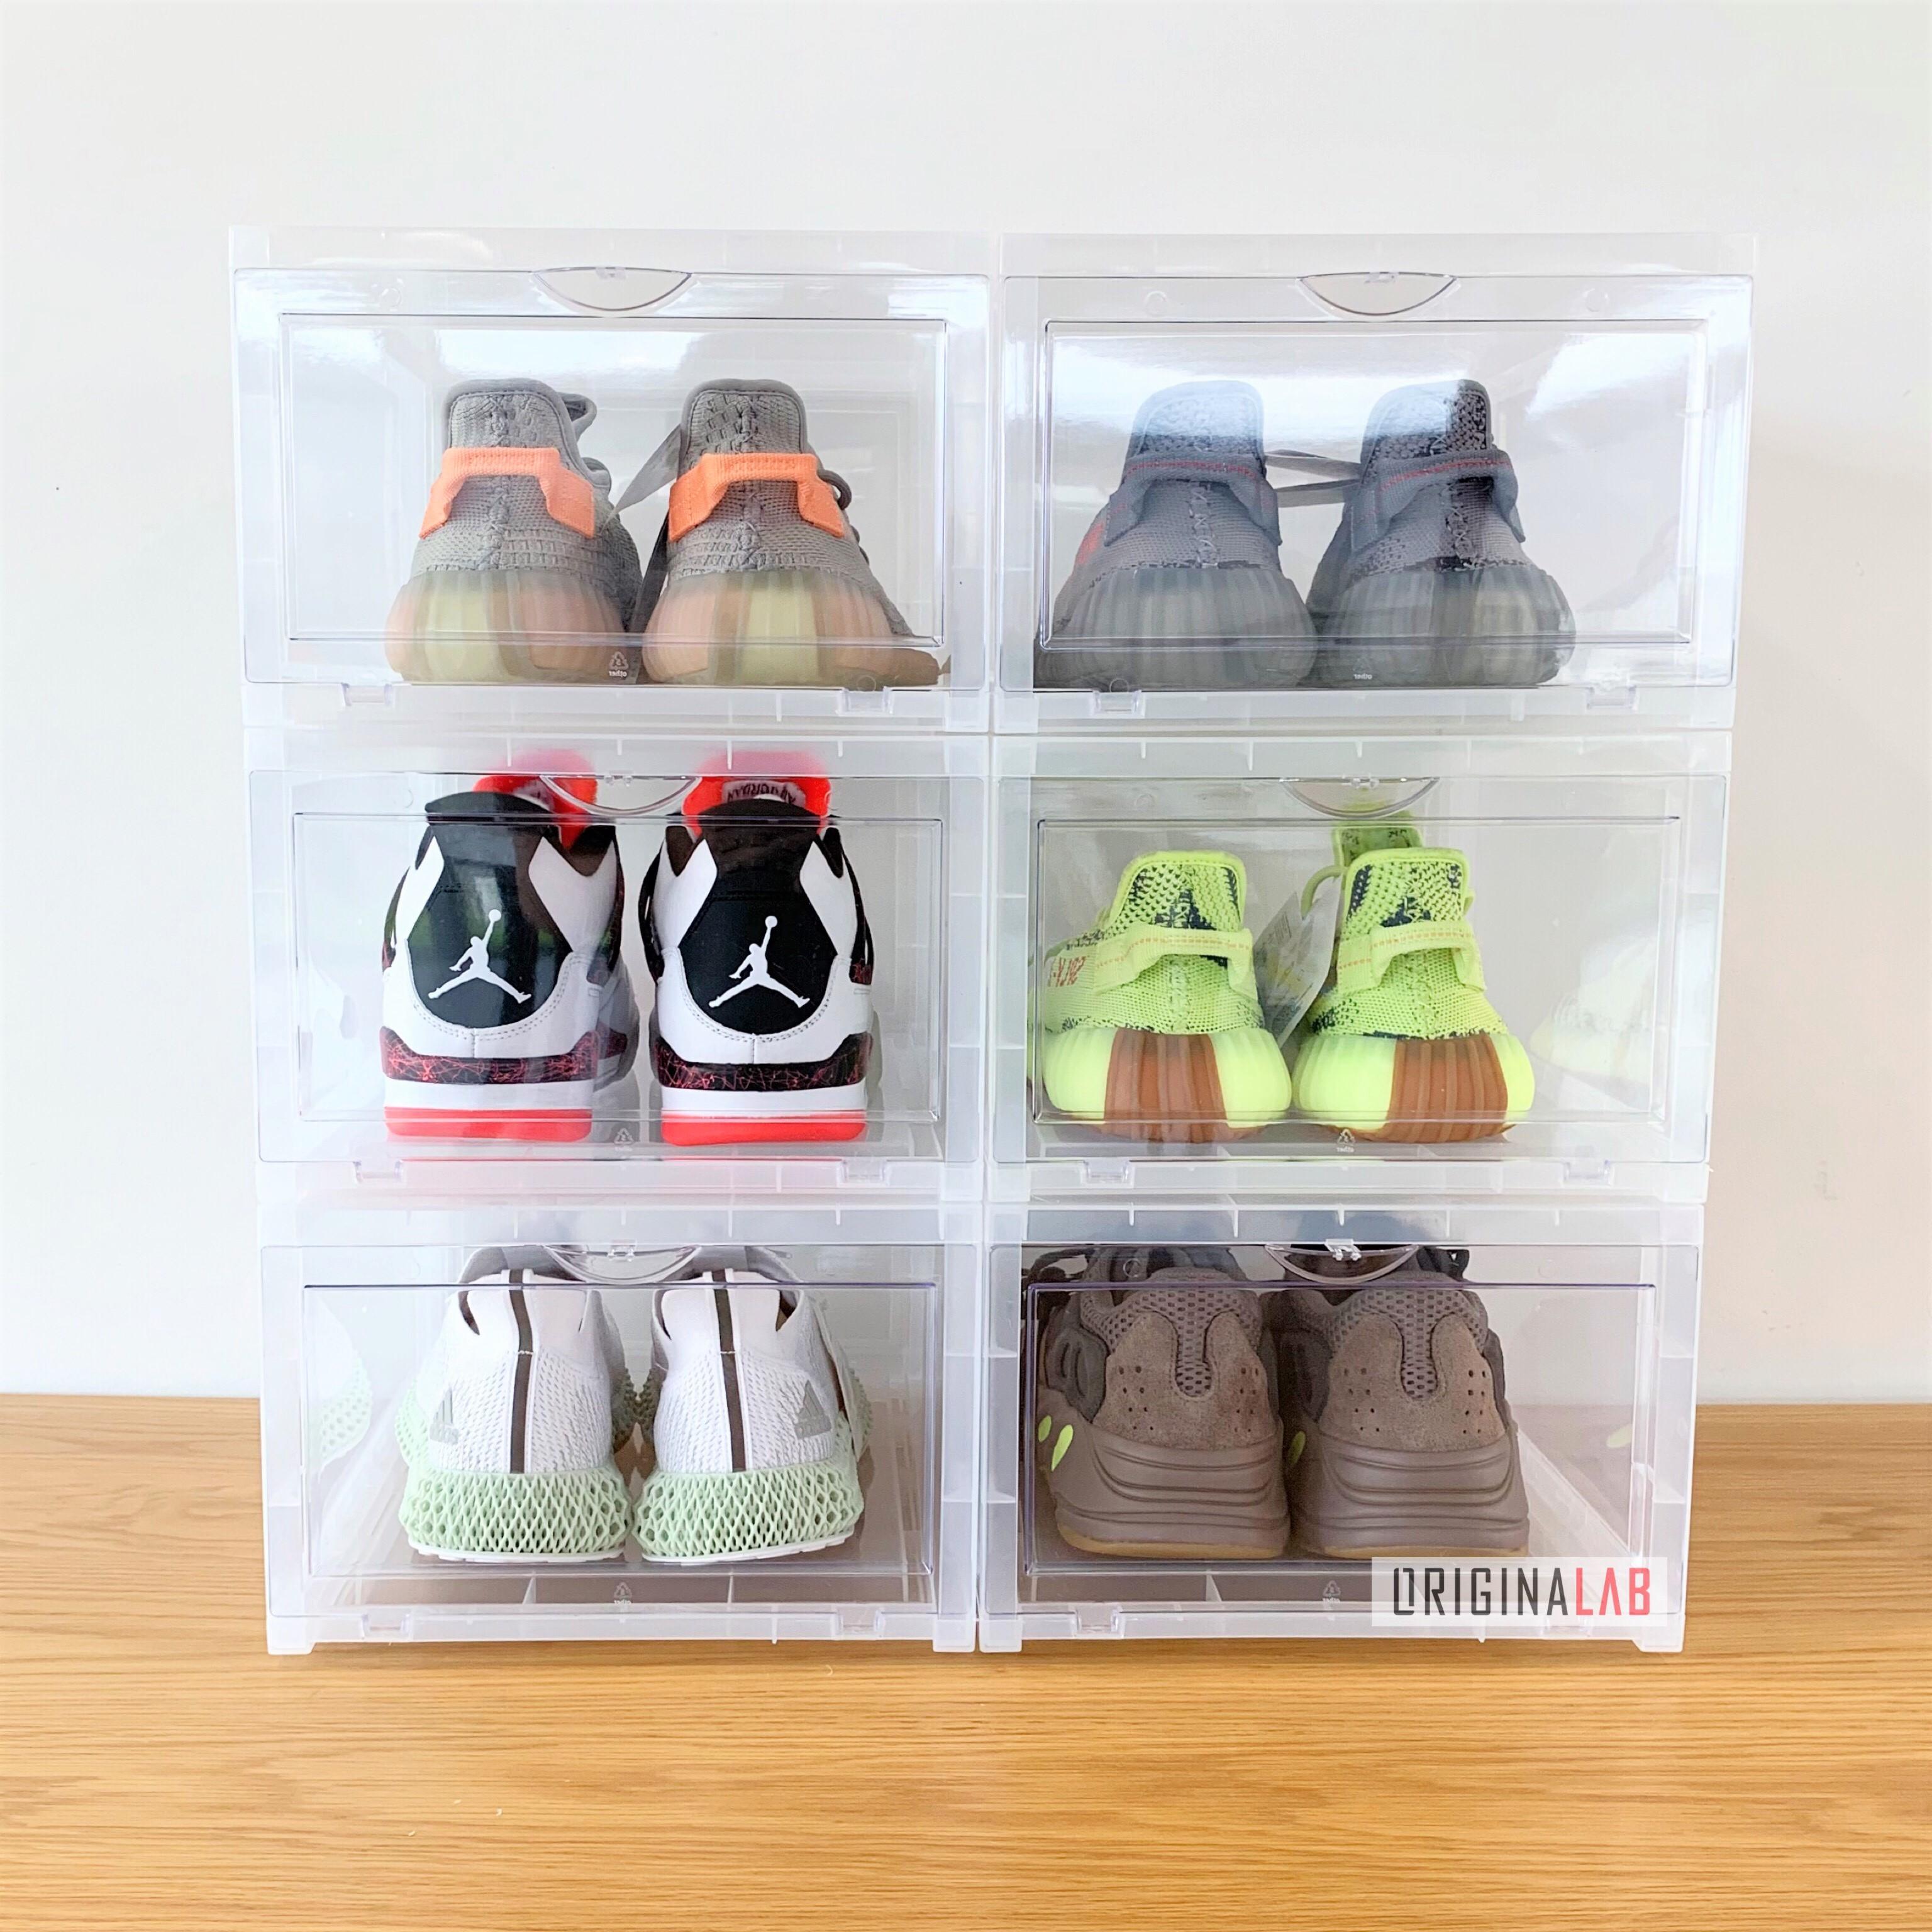 6 BOXES - ORIGINALAB Premium Stackable Shoe Box Clear HOT SALE